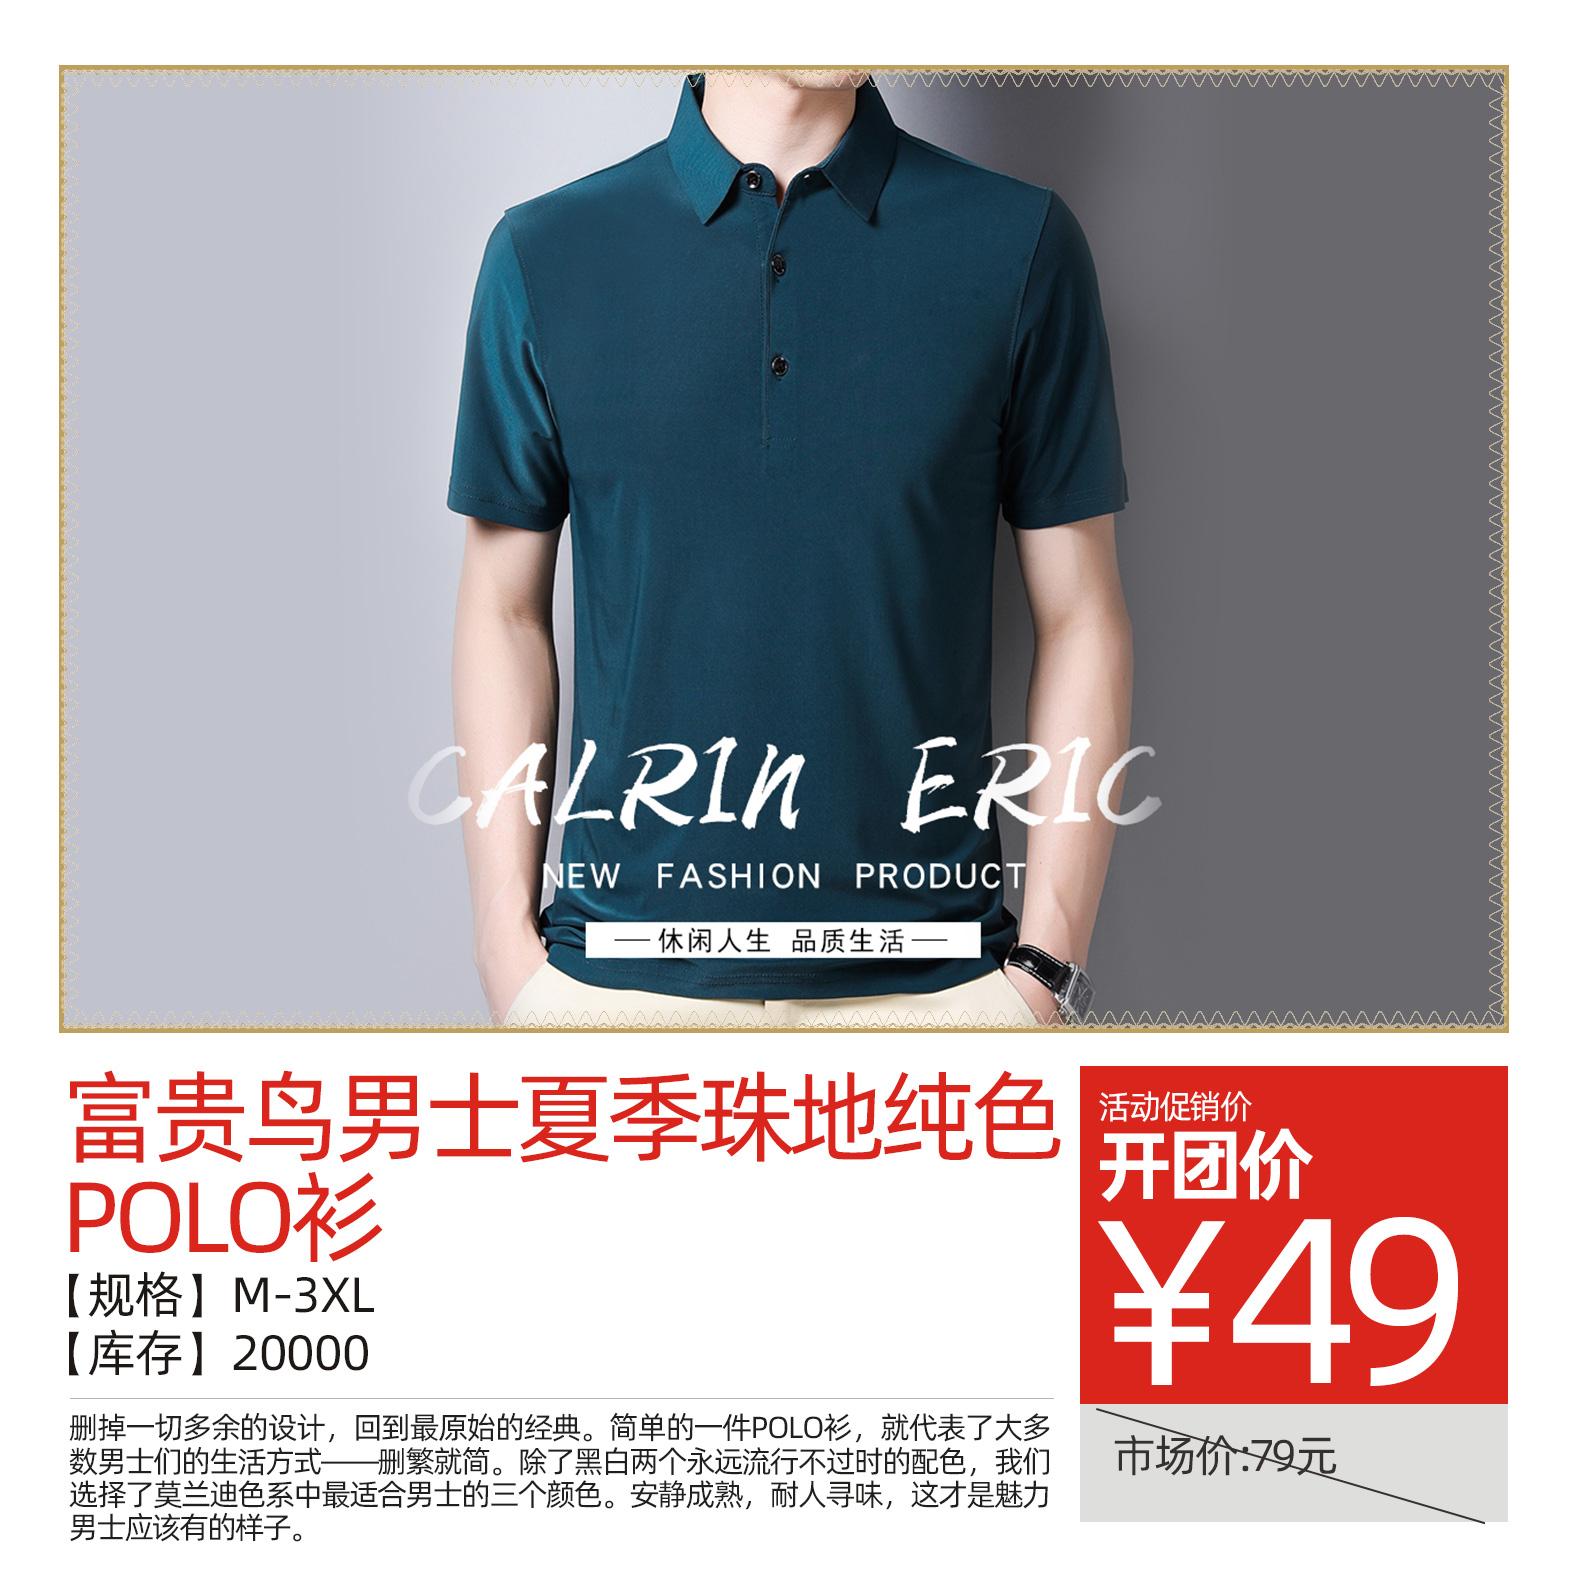 富贵鸟男士夏季珠地纯色POLO衫